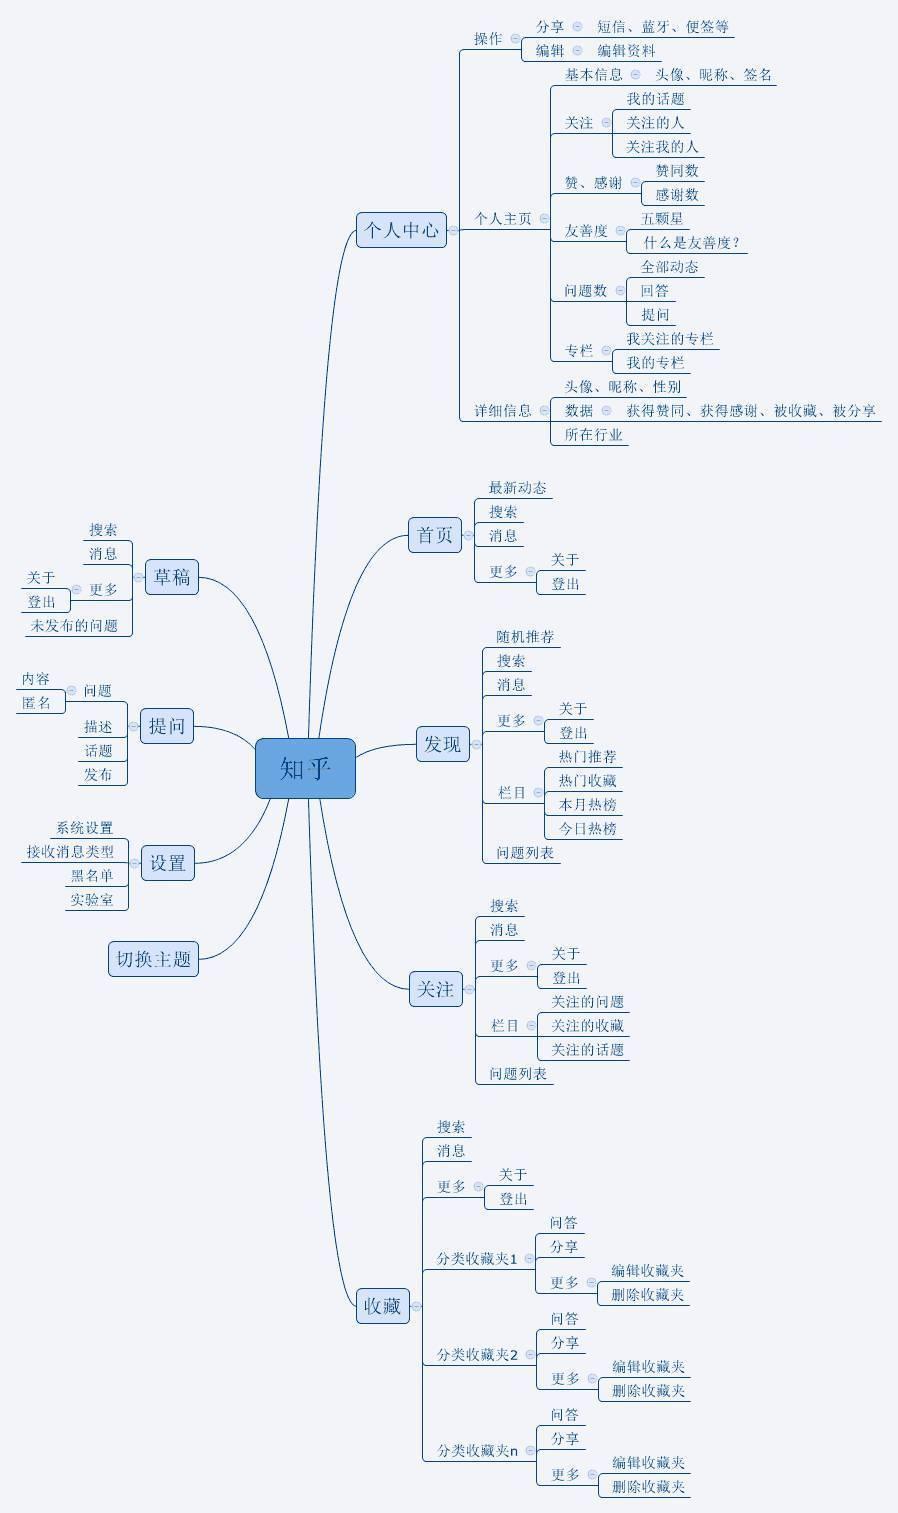 知乎产品结构图(思维导图)